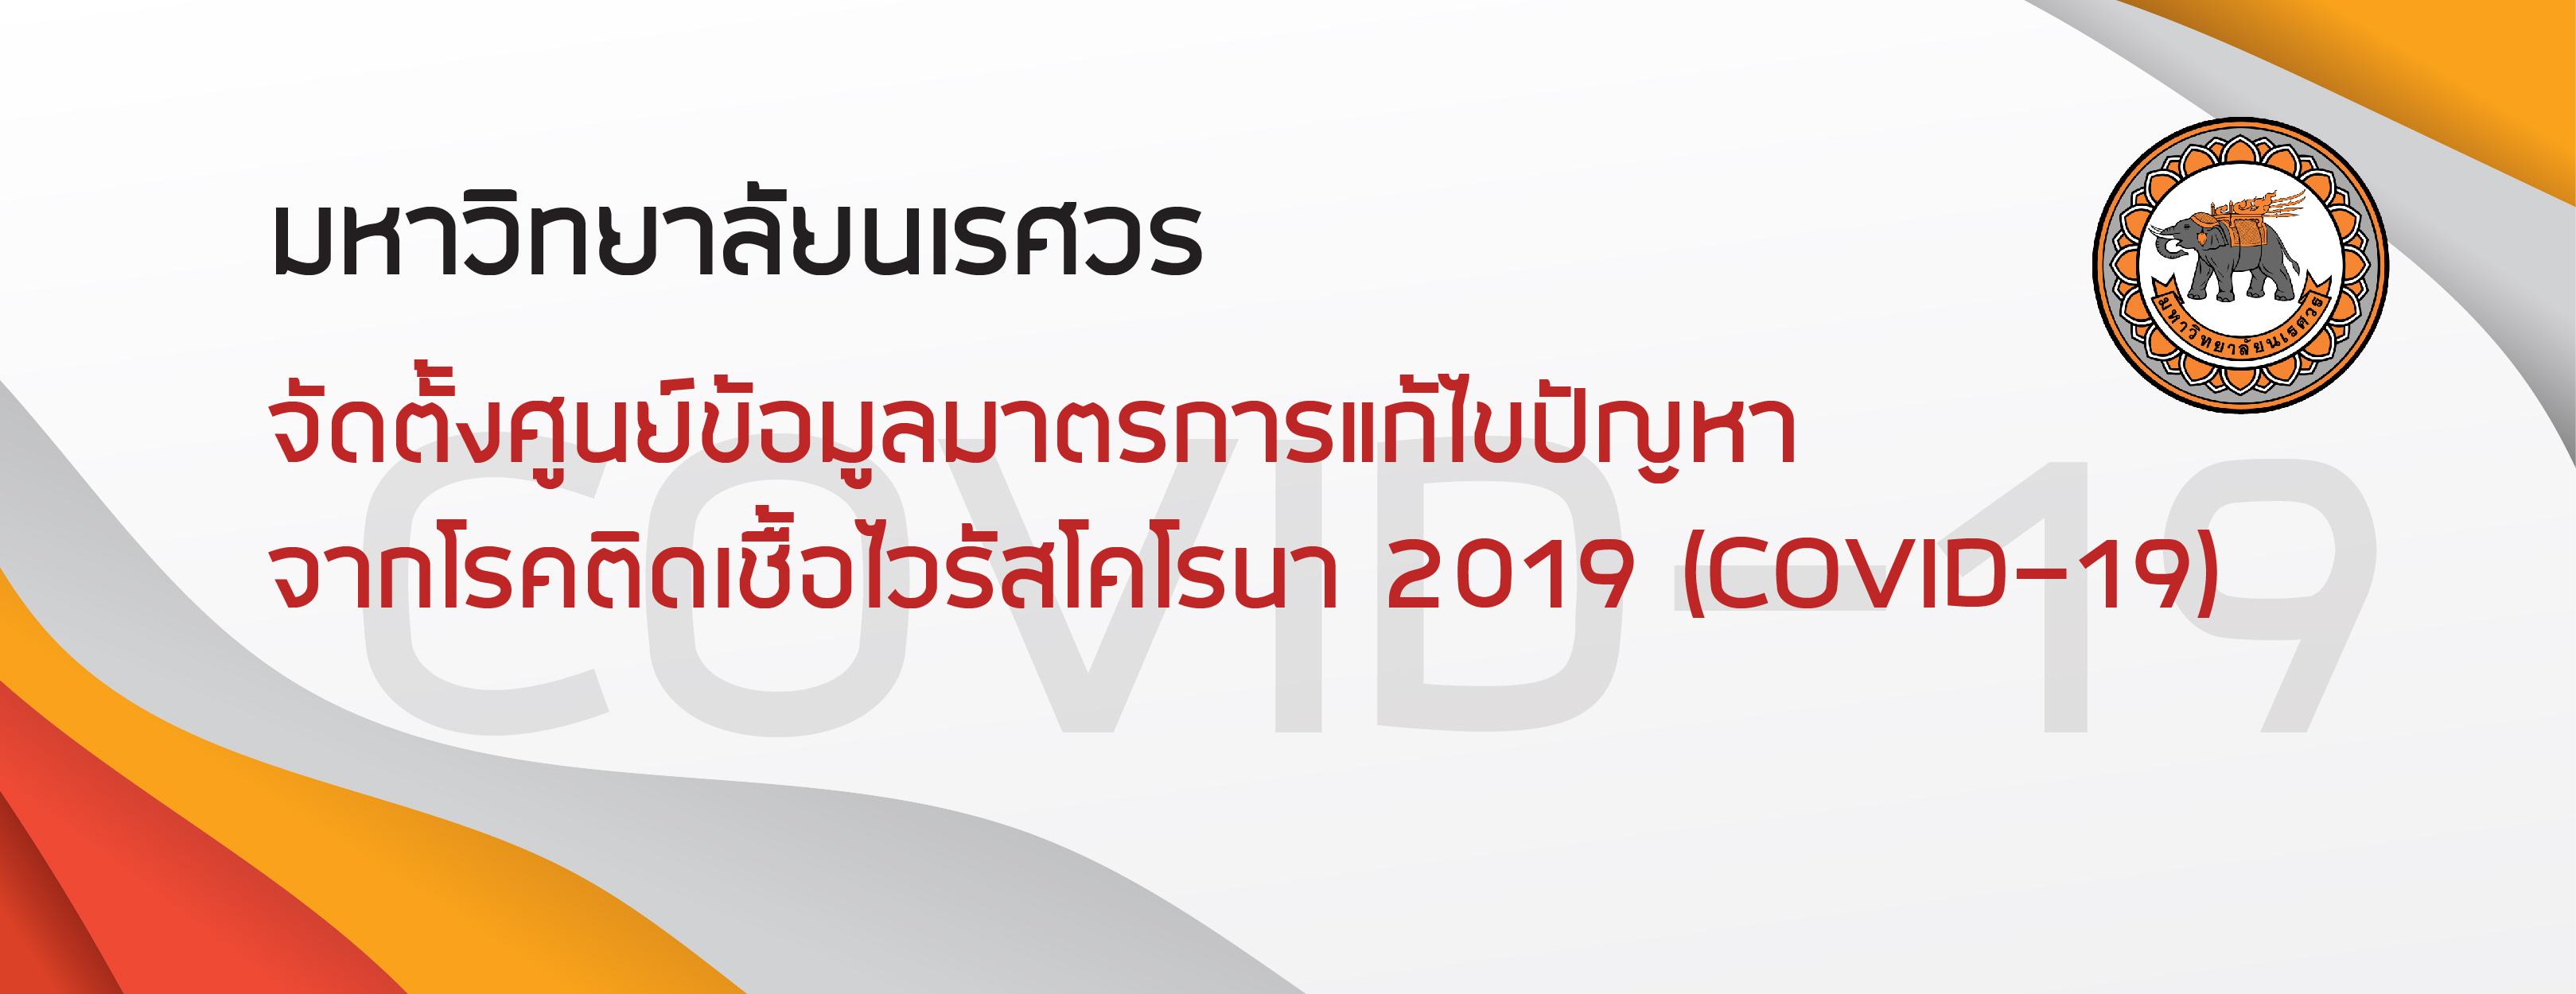 ศูนย์ข้อมูลมาตรการแก้ไขปัญหา จากโรคติดเชื้อไวรัสโคโรนา 2019 (COVID-19)